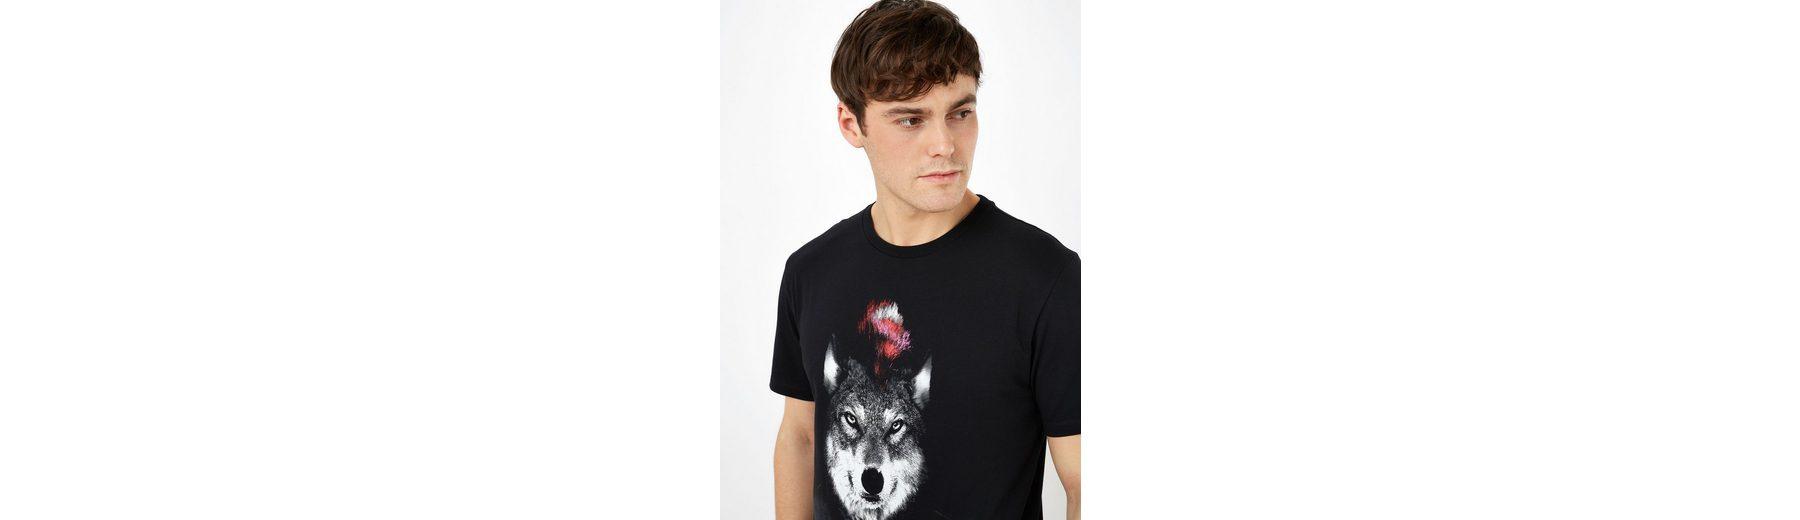 Austrittskosten Kaufen Günstig Online Next T-Shirt mit Fuchsmotiv Für Billigen Rabatt 49PJuvNN